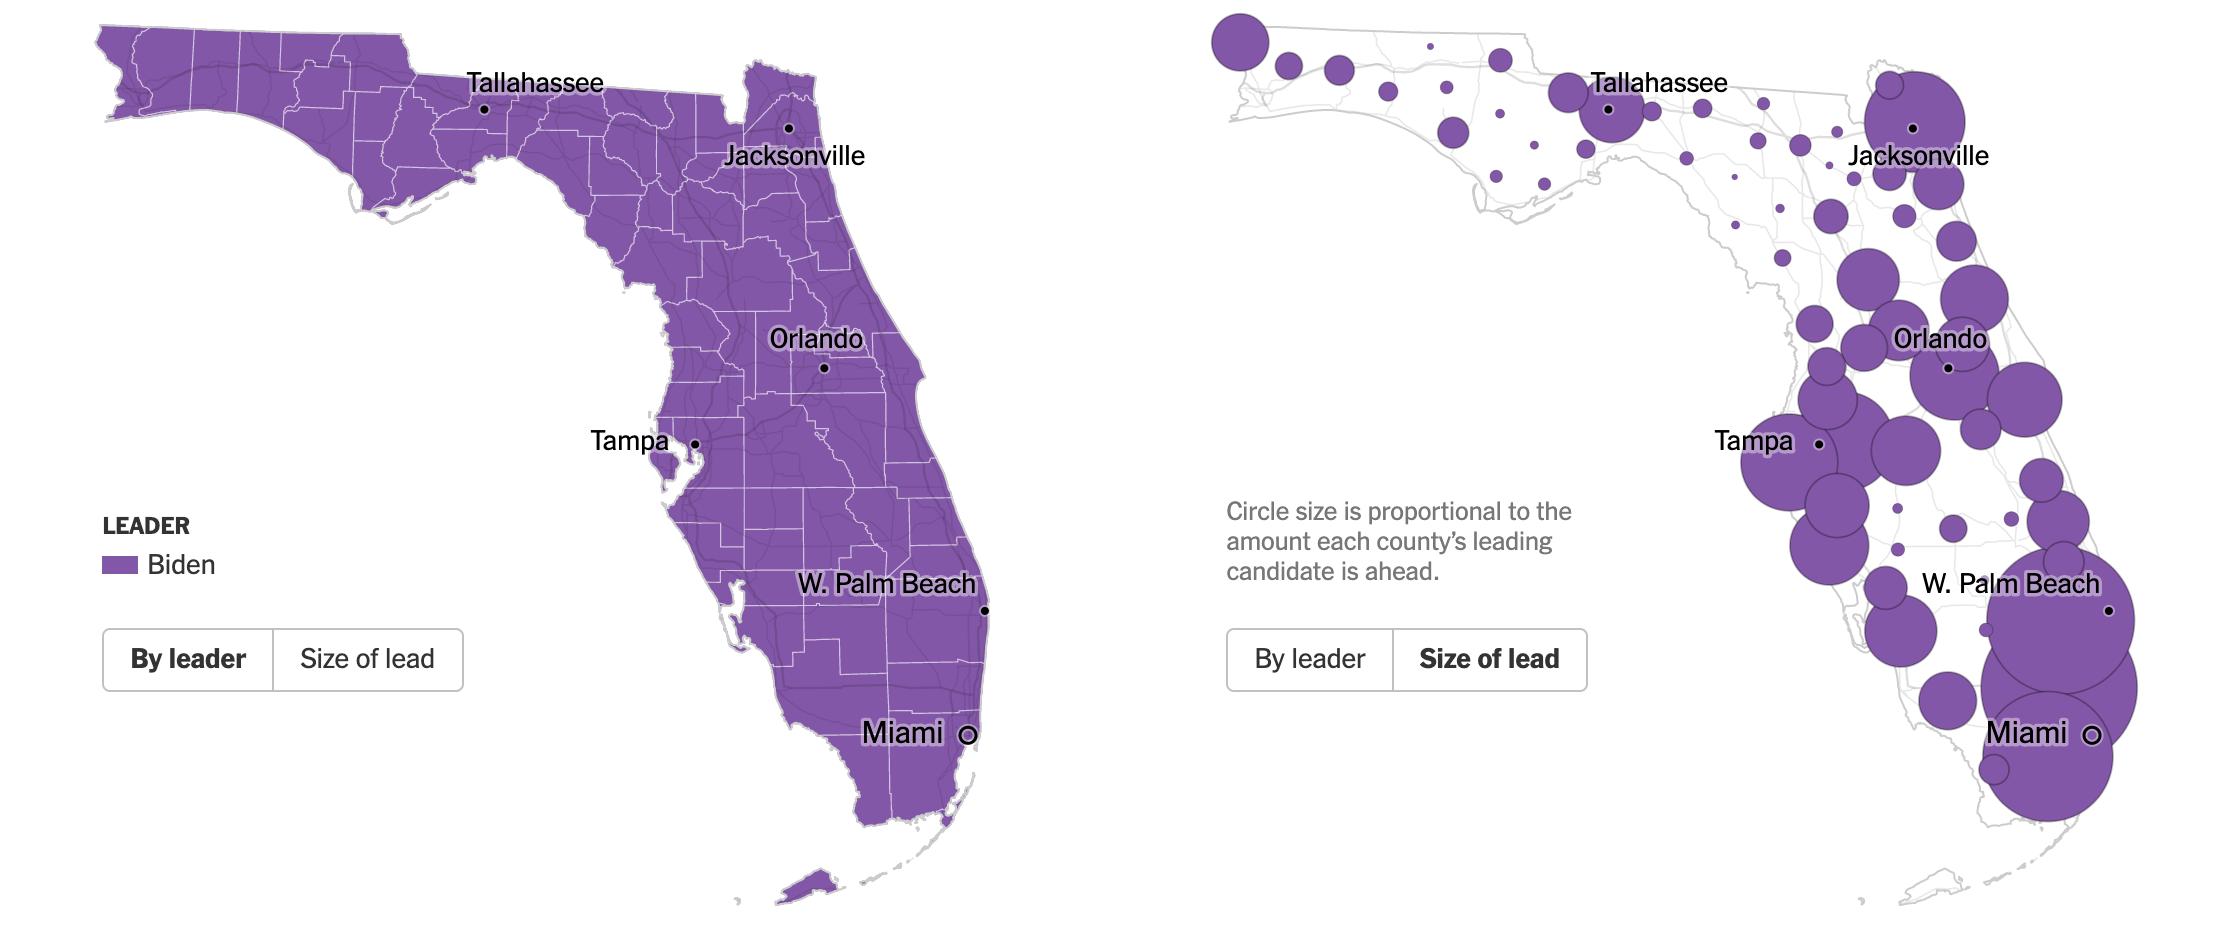 Mappa primarie democratiche 17 marzo Florida